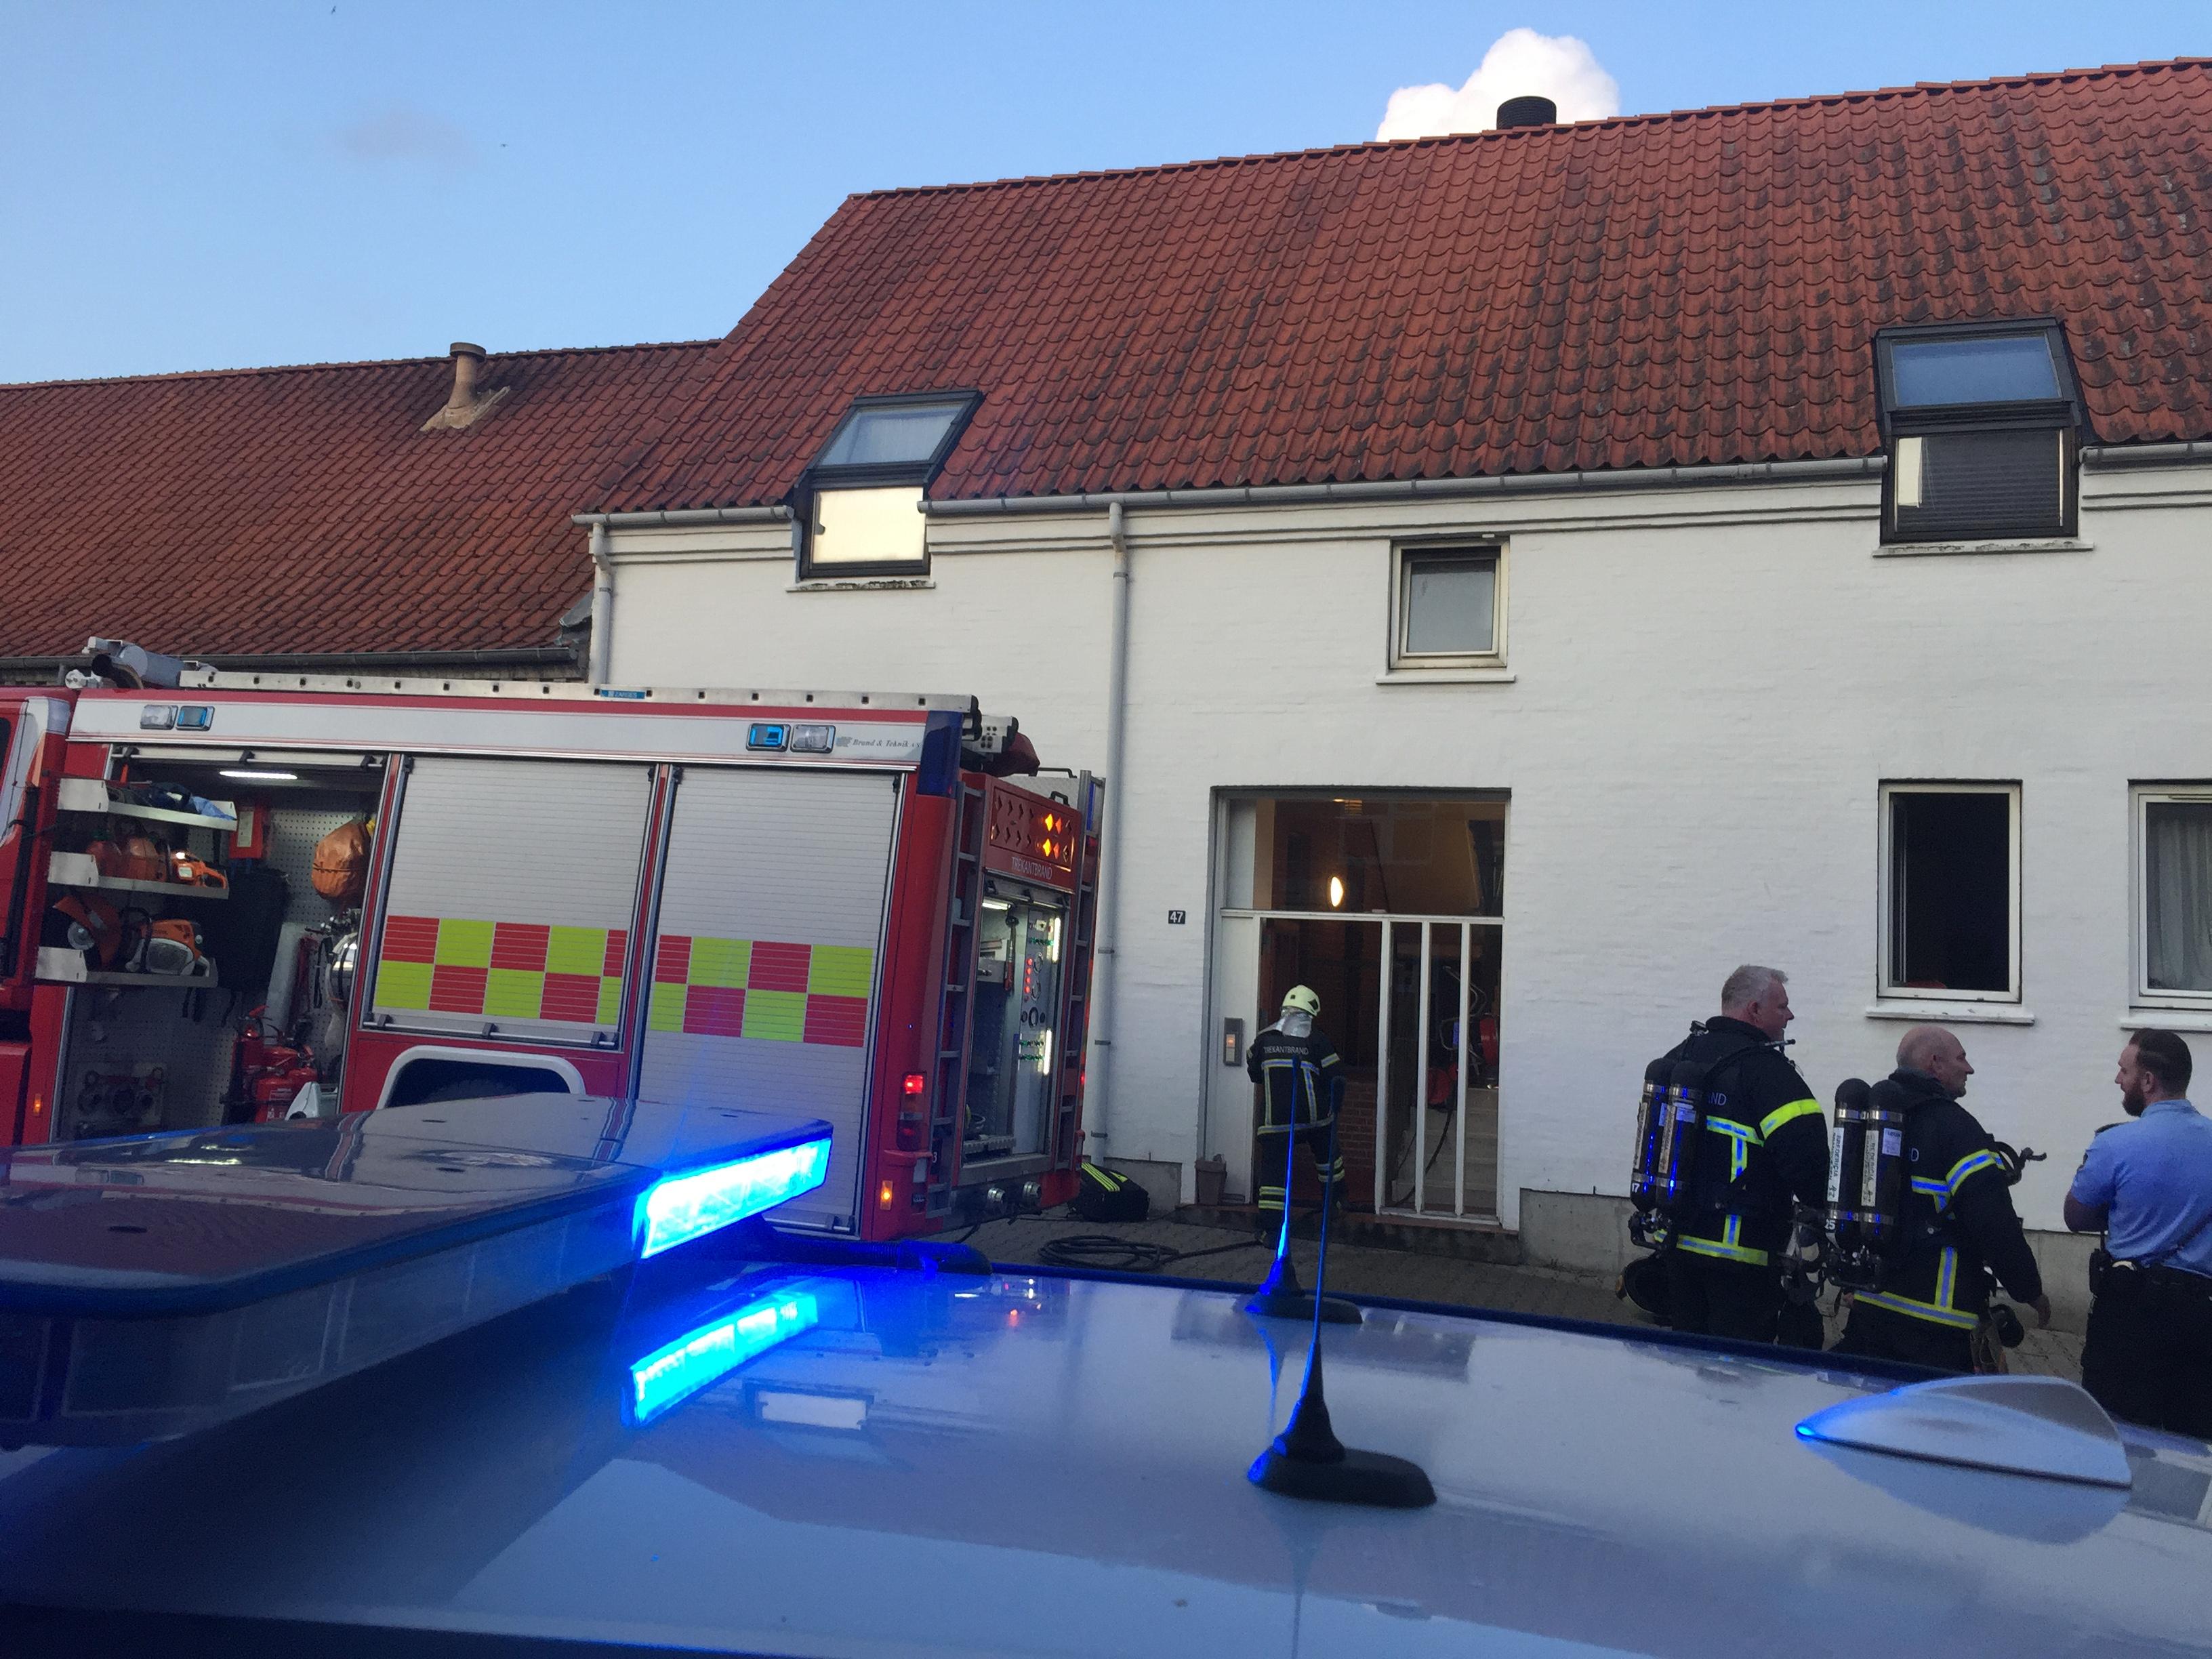 SE VIDEO : Brandbiler i Købmagergade – Røg væltede ud fra vindue i stuelejlighed